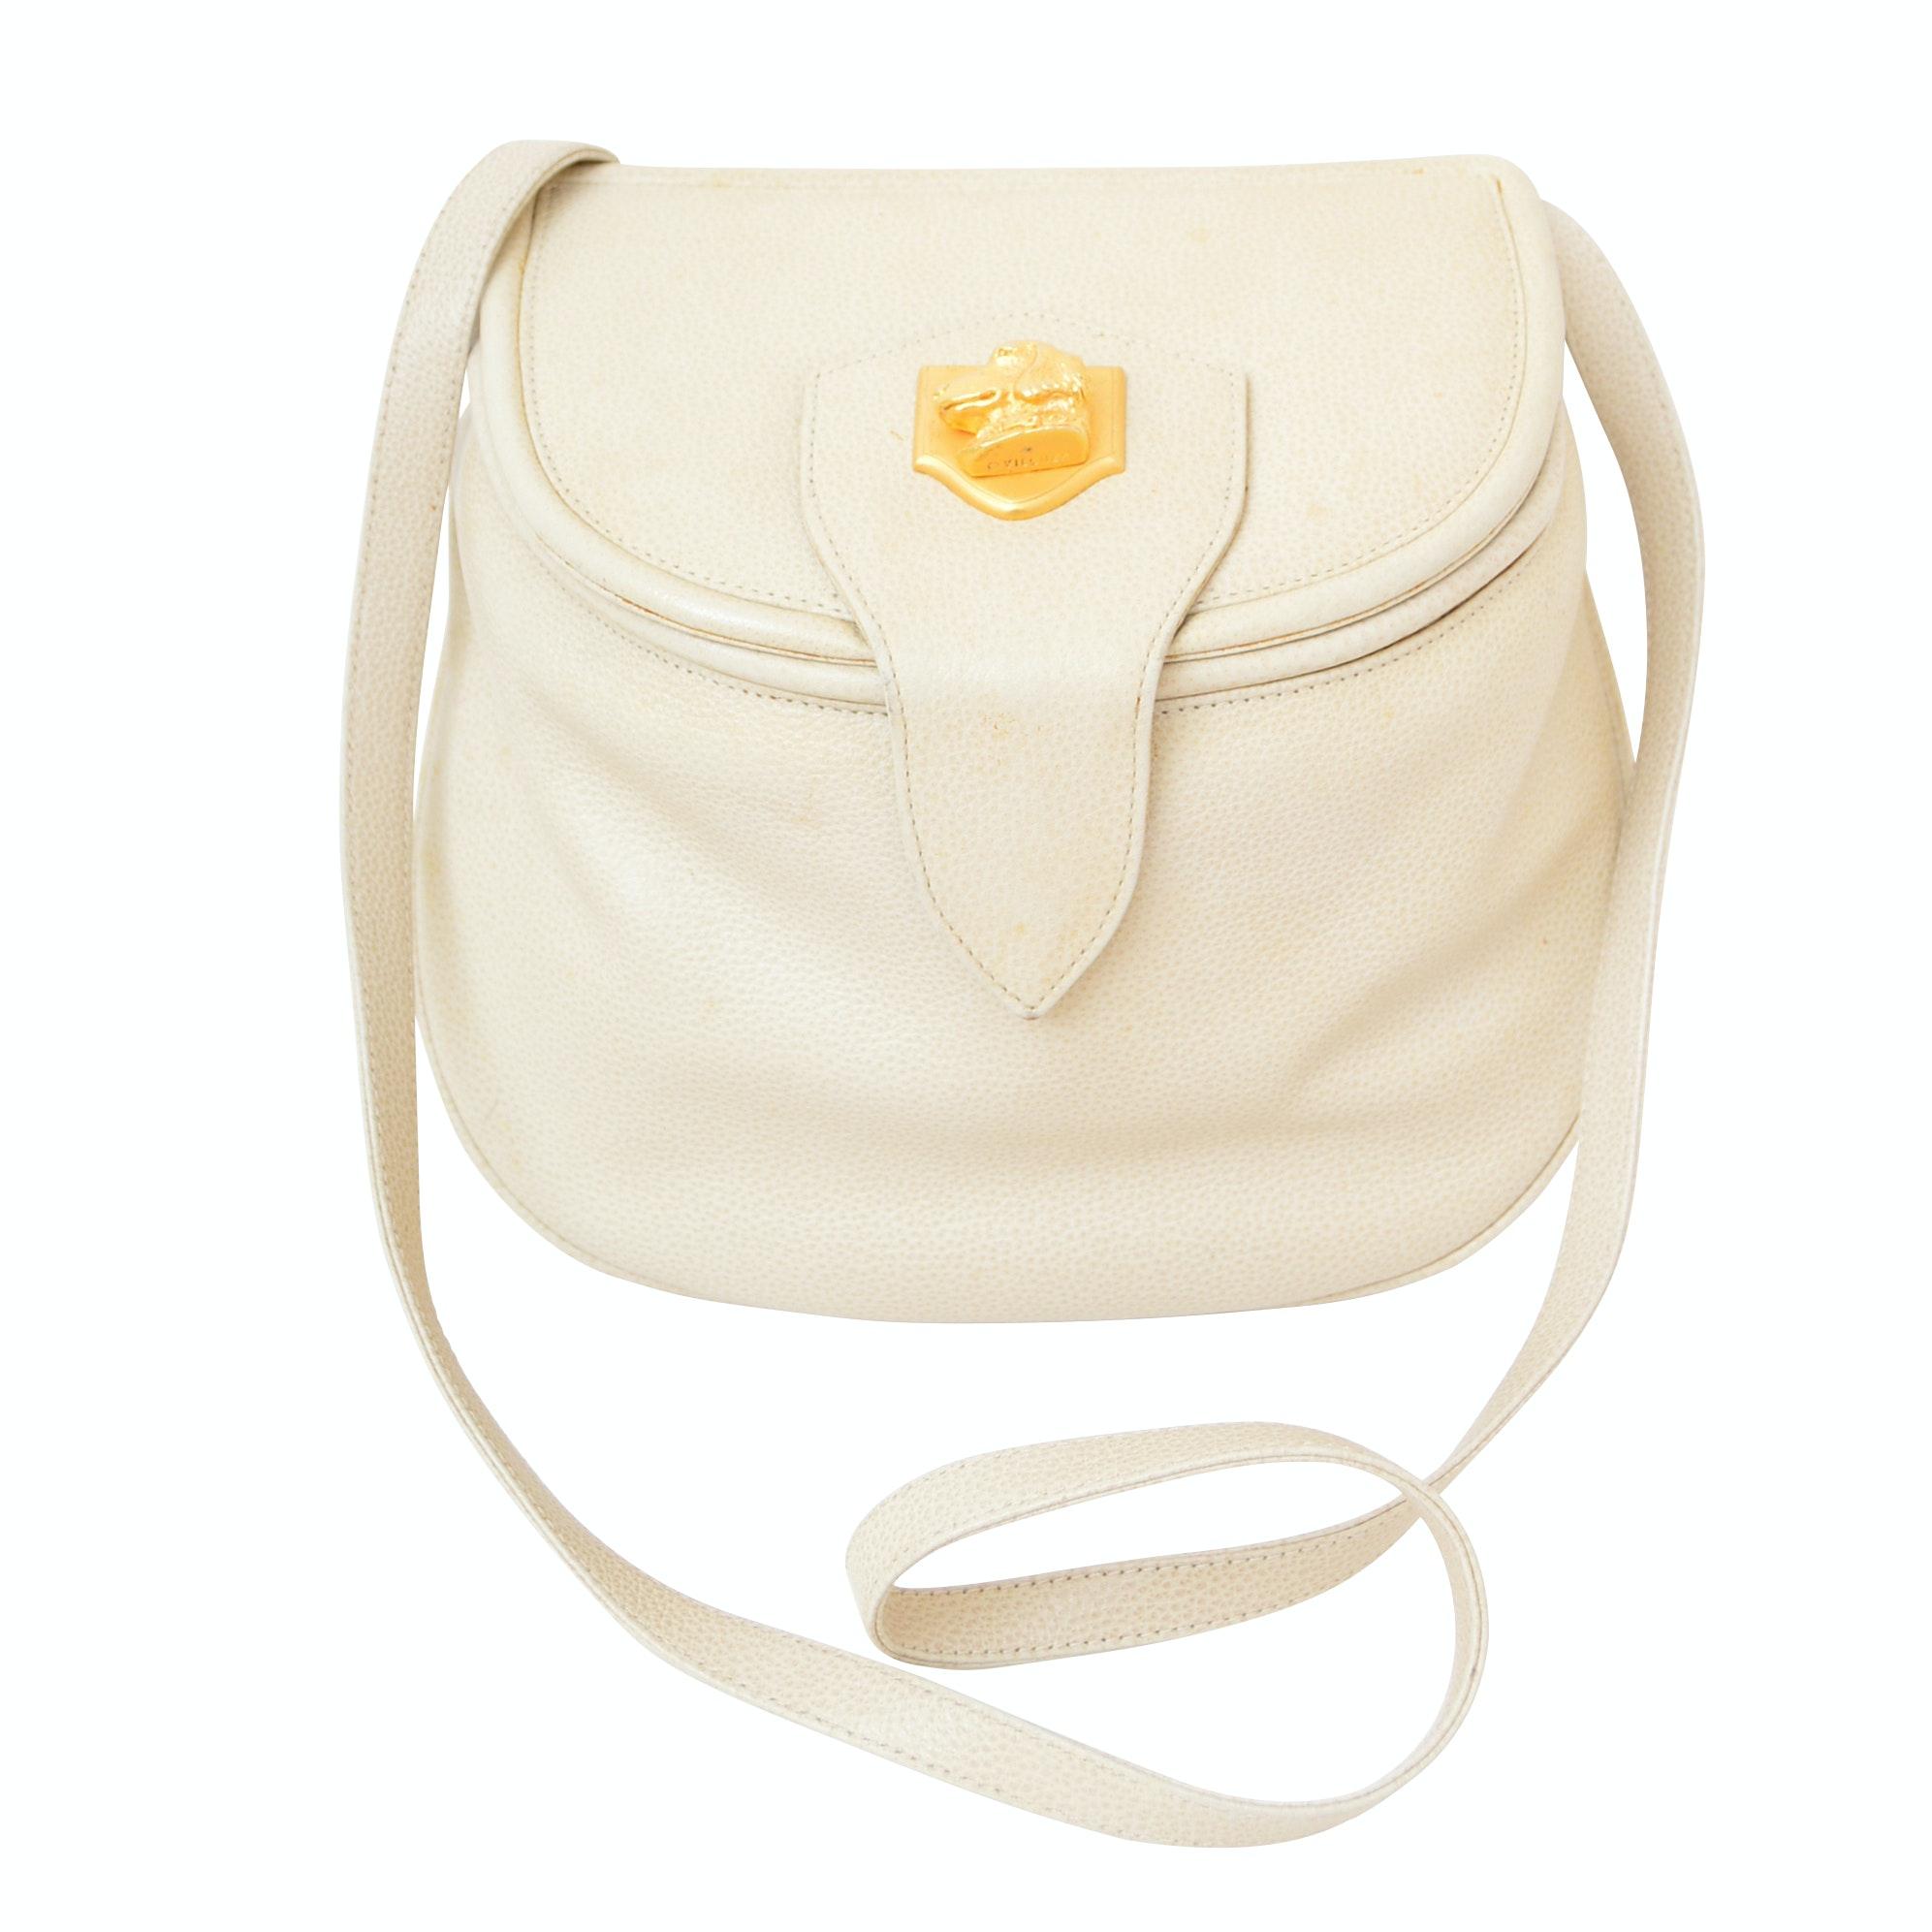 Vicenza Leather Shoulder Bag